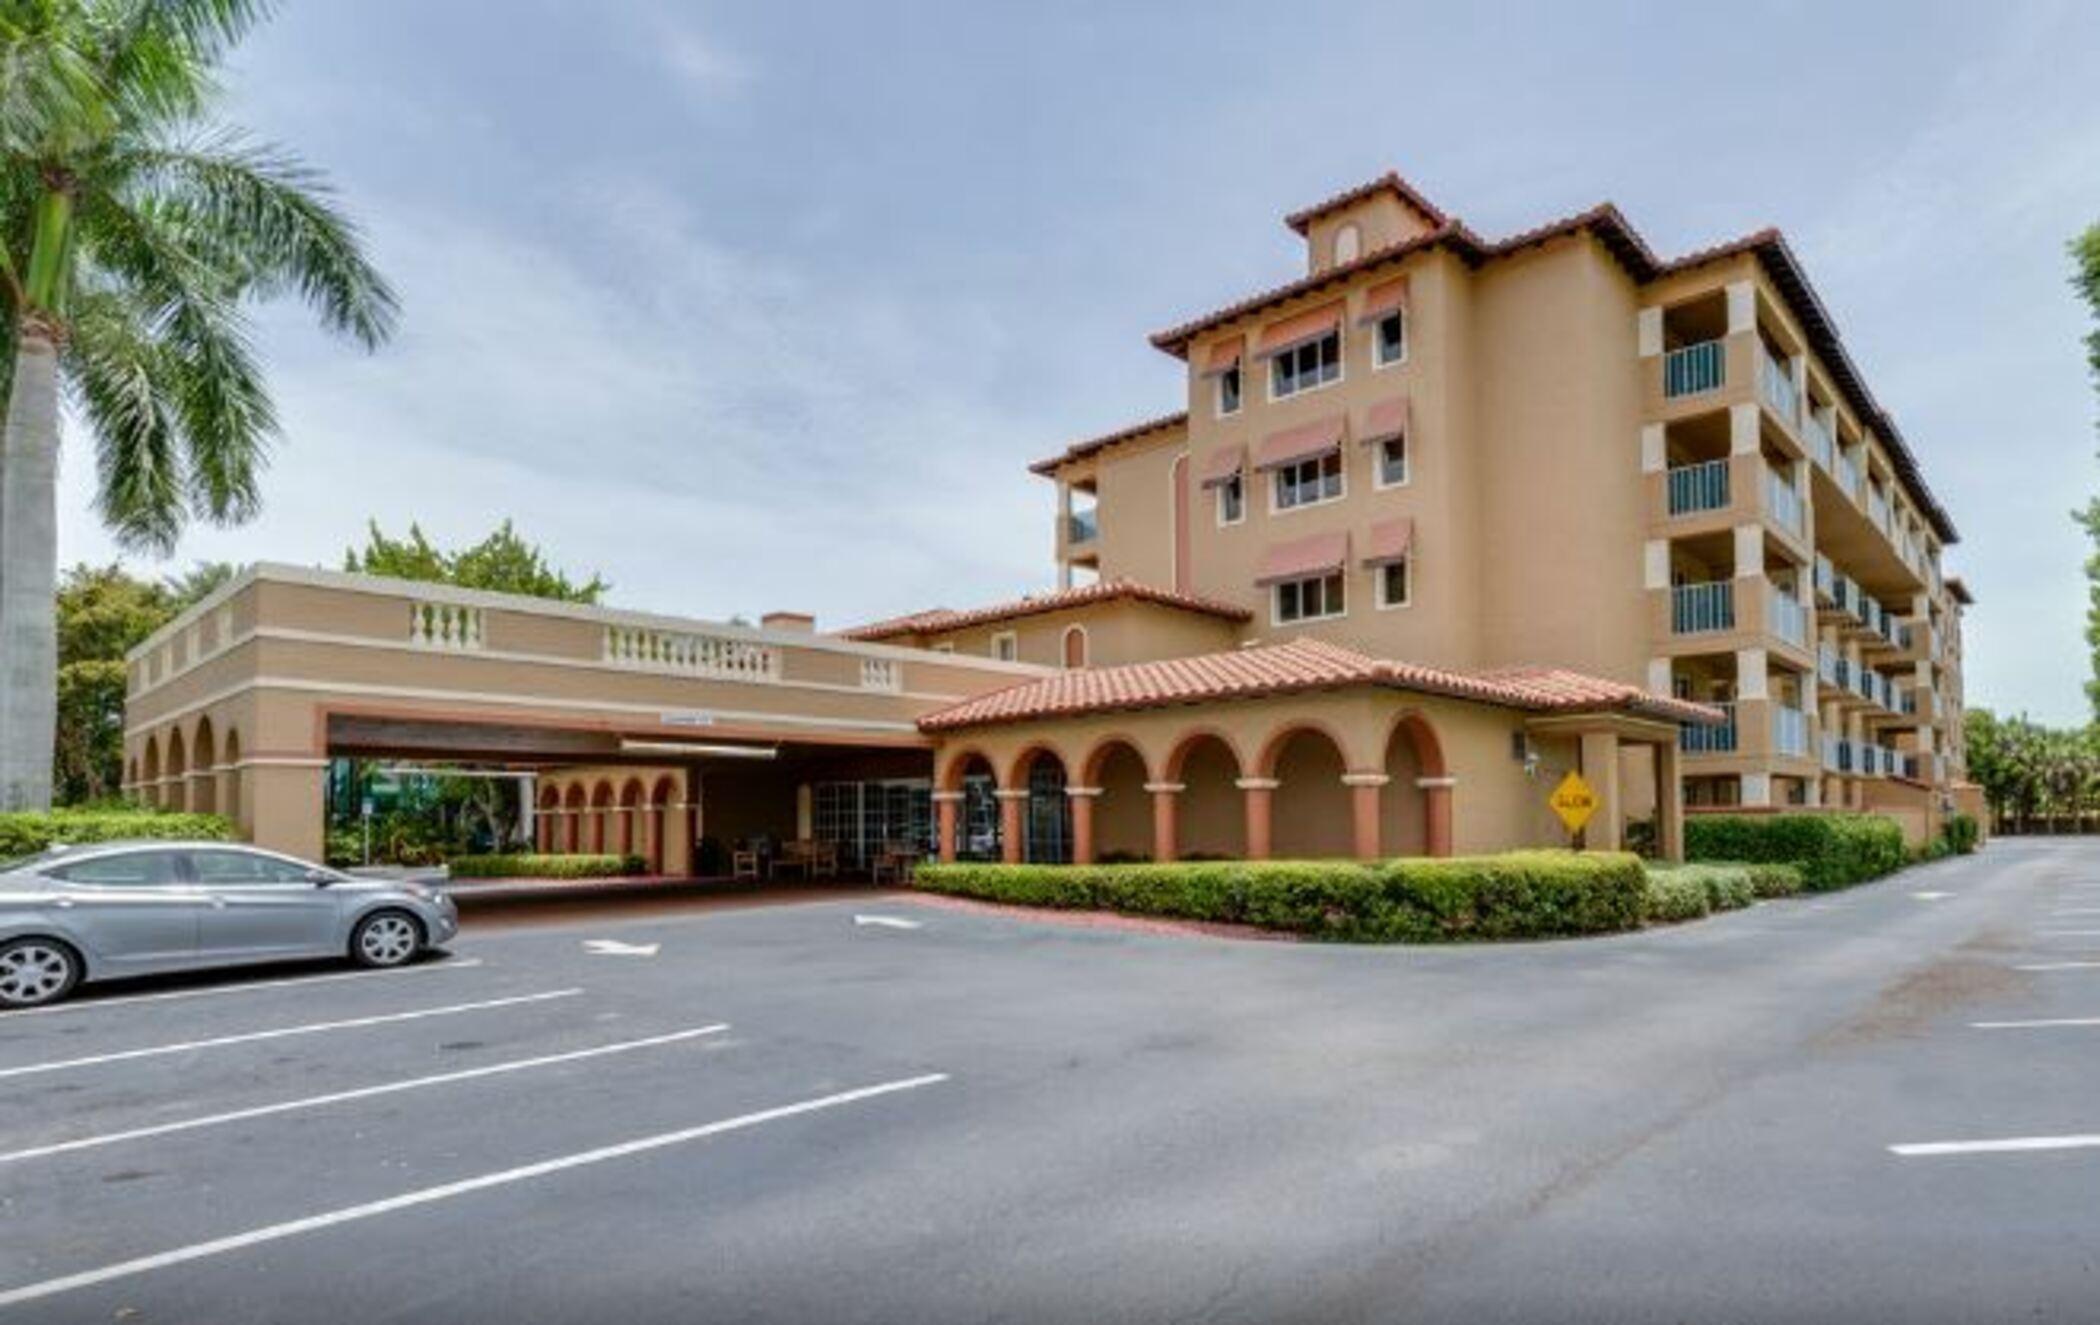 Quality Inn & Suites at Park Shore, Collier